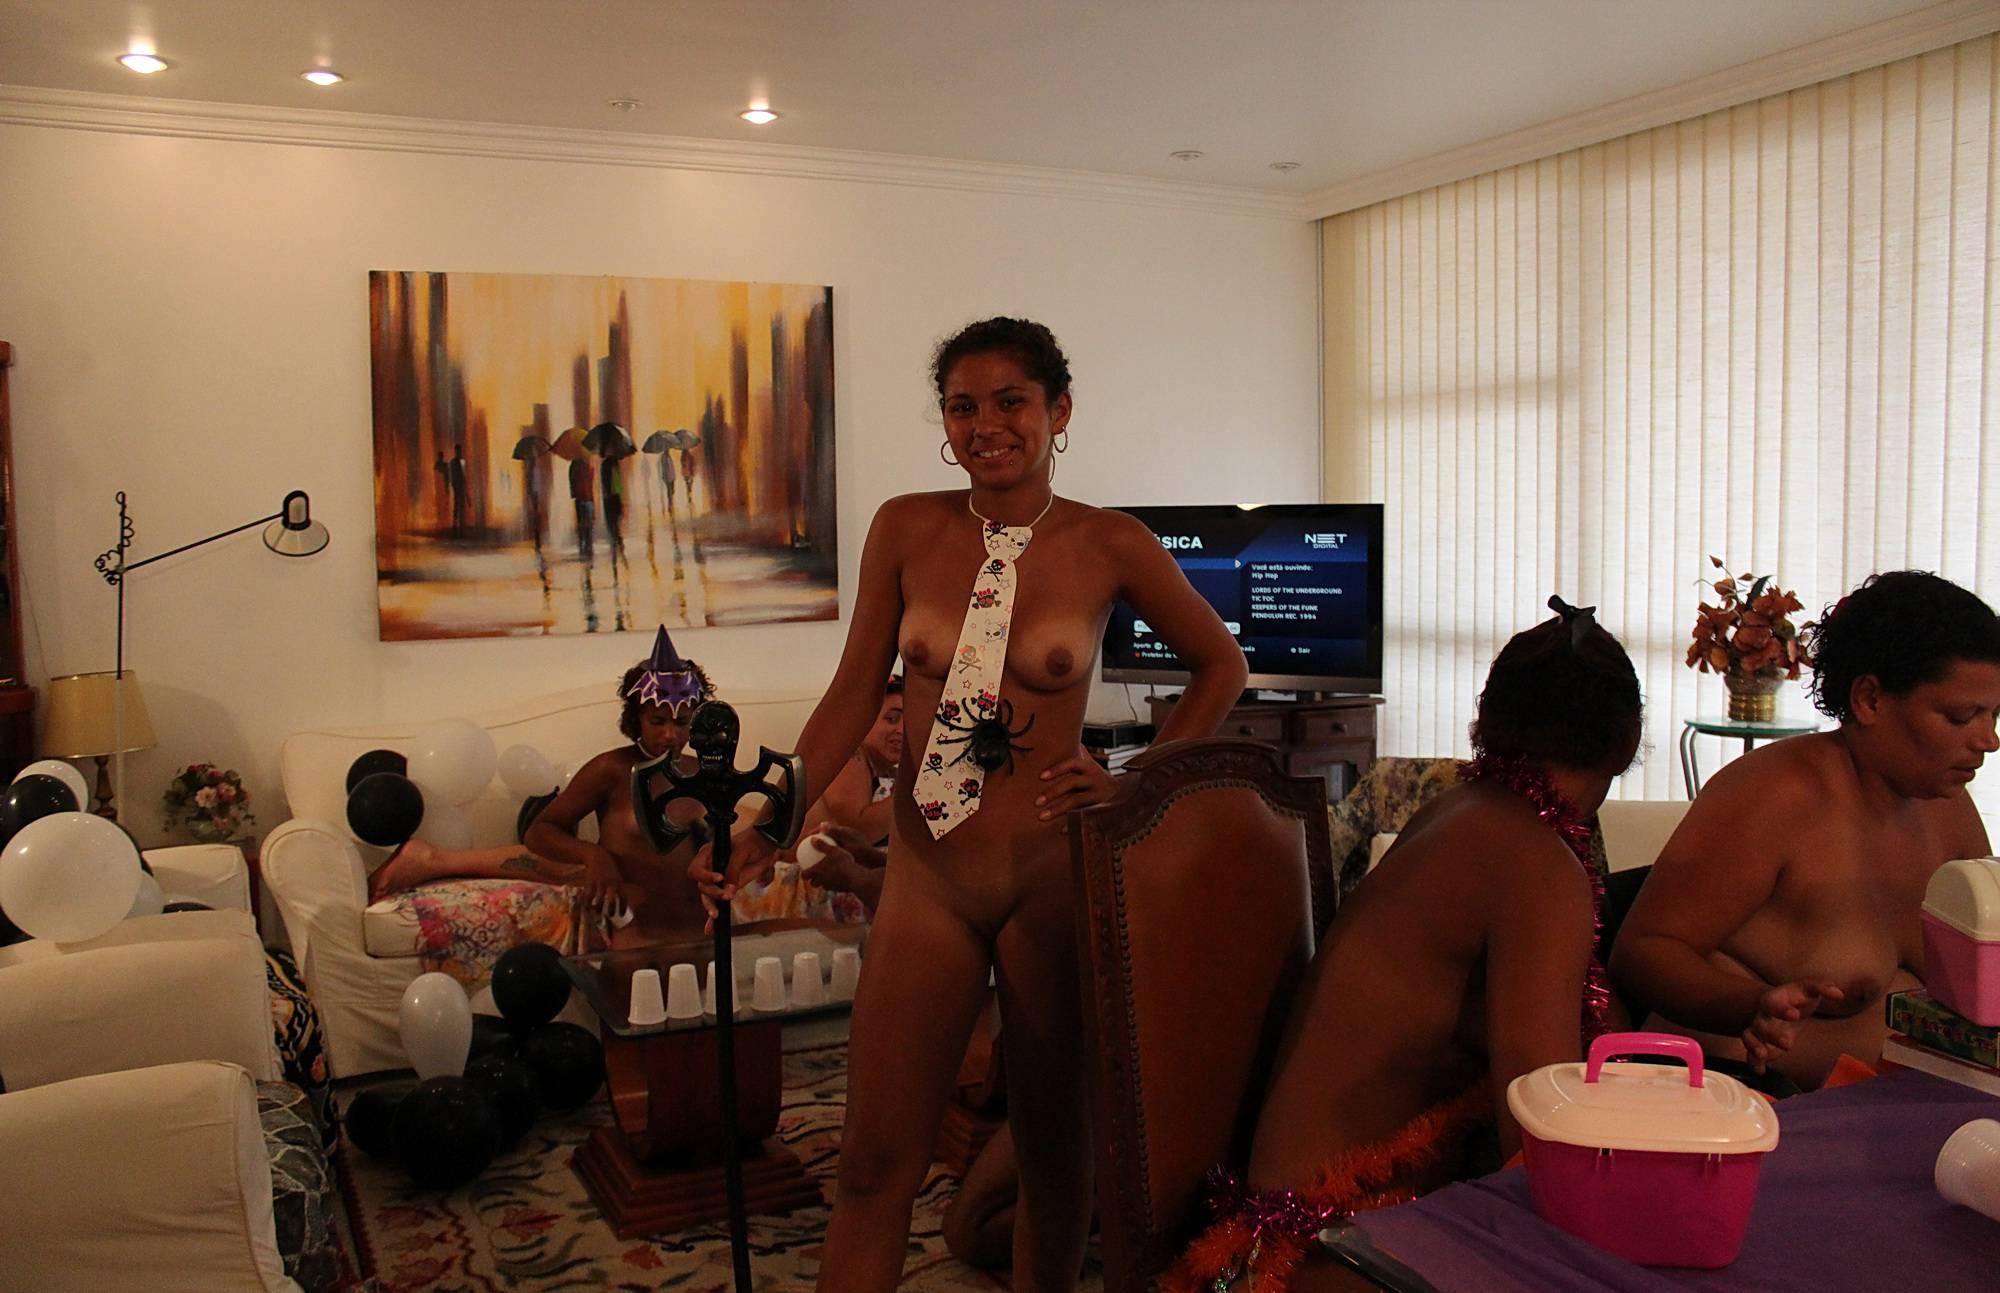 Nudist Gallery Fun Apartment Activities - 1